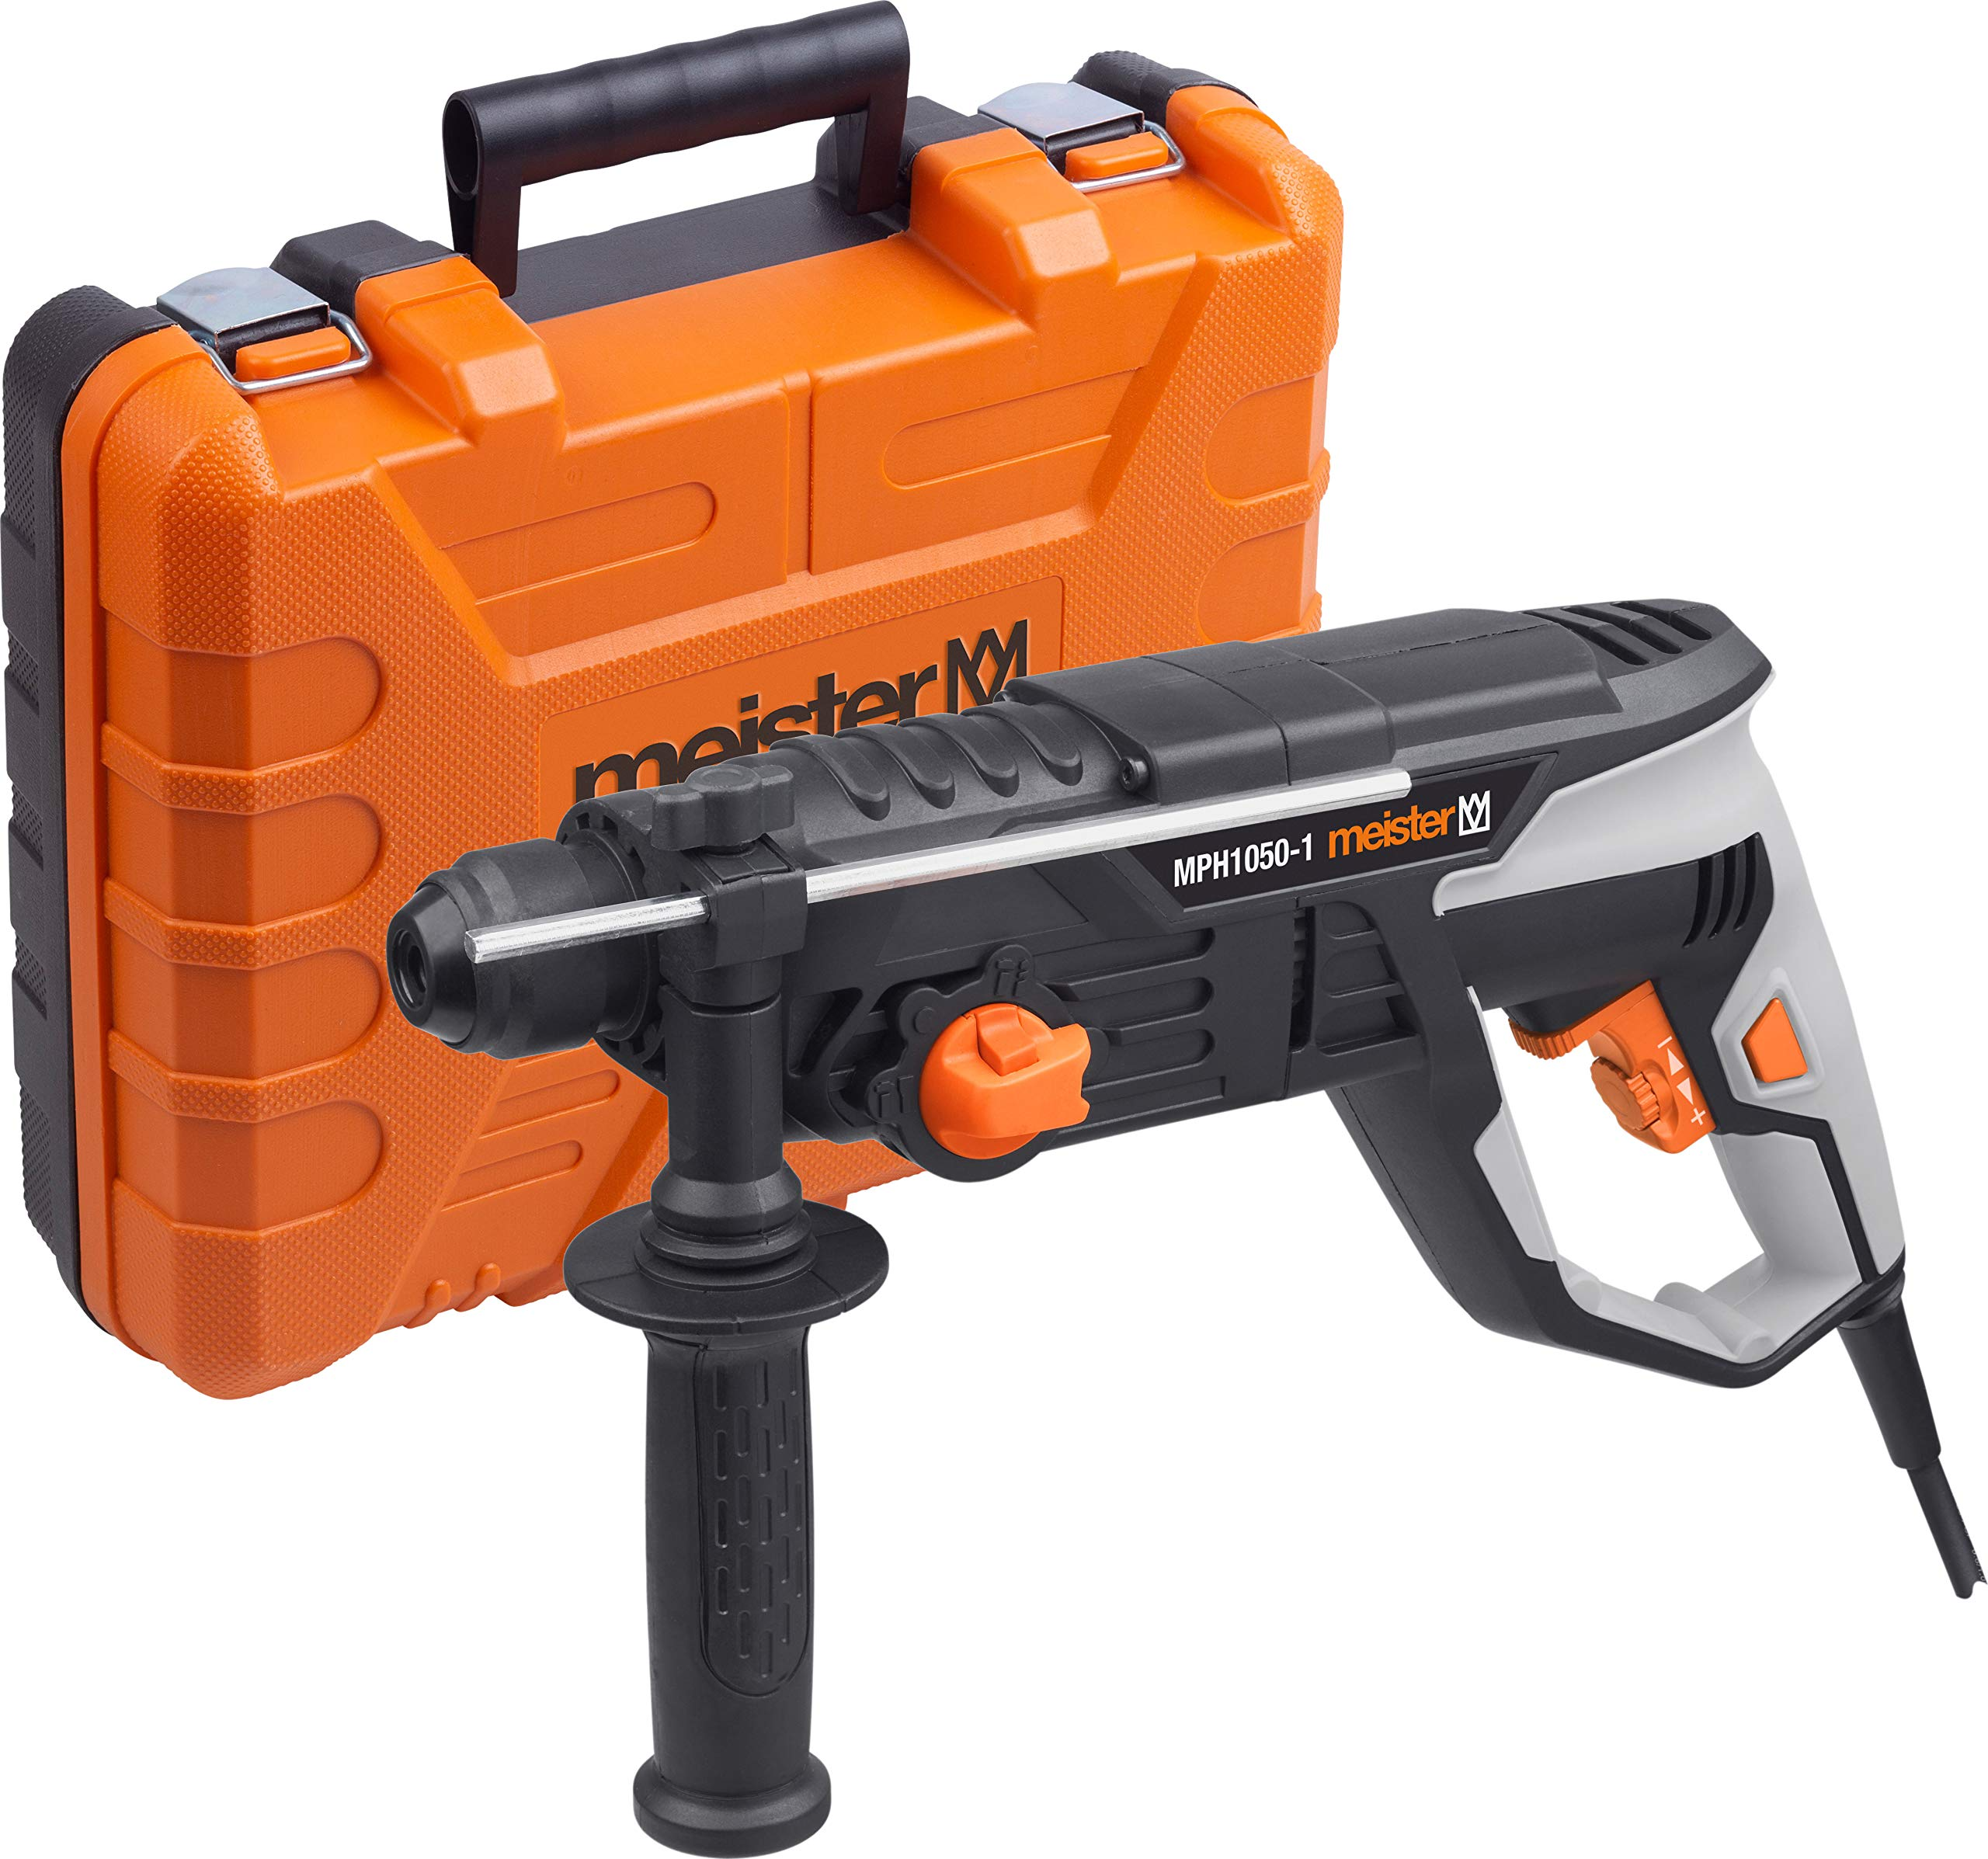 Meister-Pneumatischer-Bohrhammer-1050-Watt-MPH1050-1-SDS-Plus-Aufnahme-3-Joule-Schlagenergie-Tiefenanschlag-Bohrmaschine-mit-Hammerwerk-Kombihammer-im-Koffer-5452810